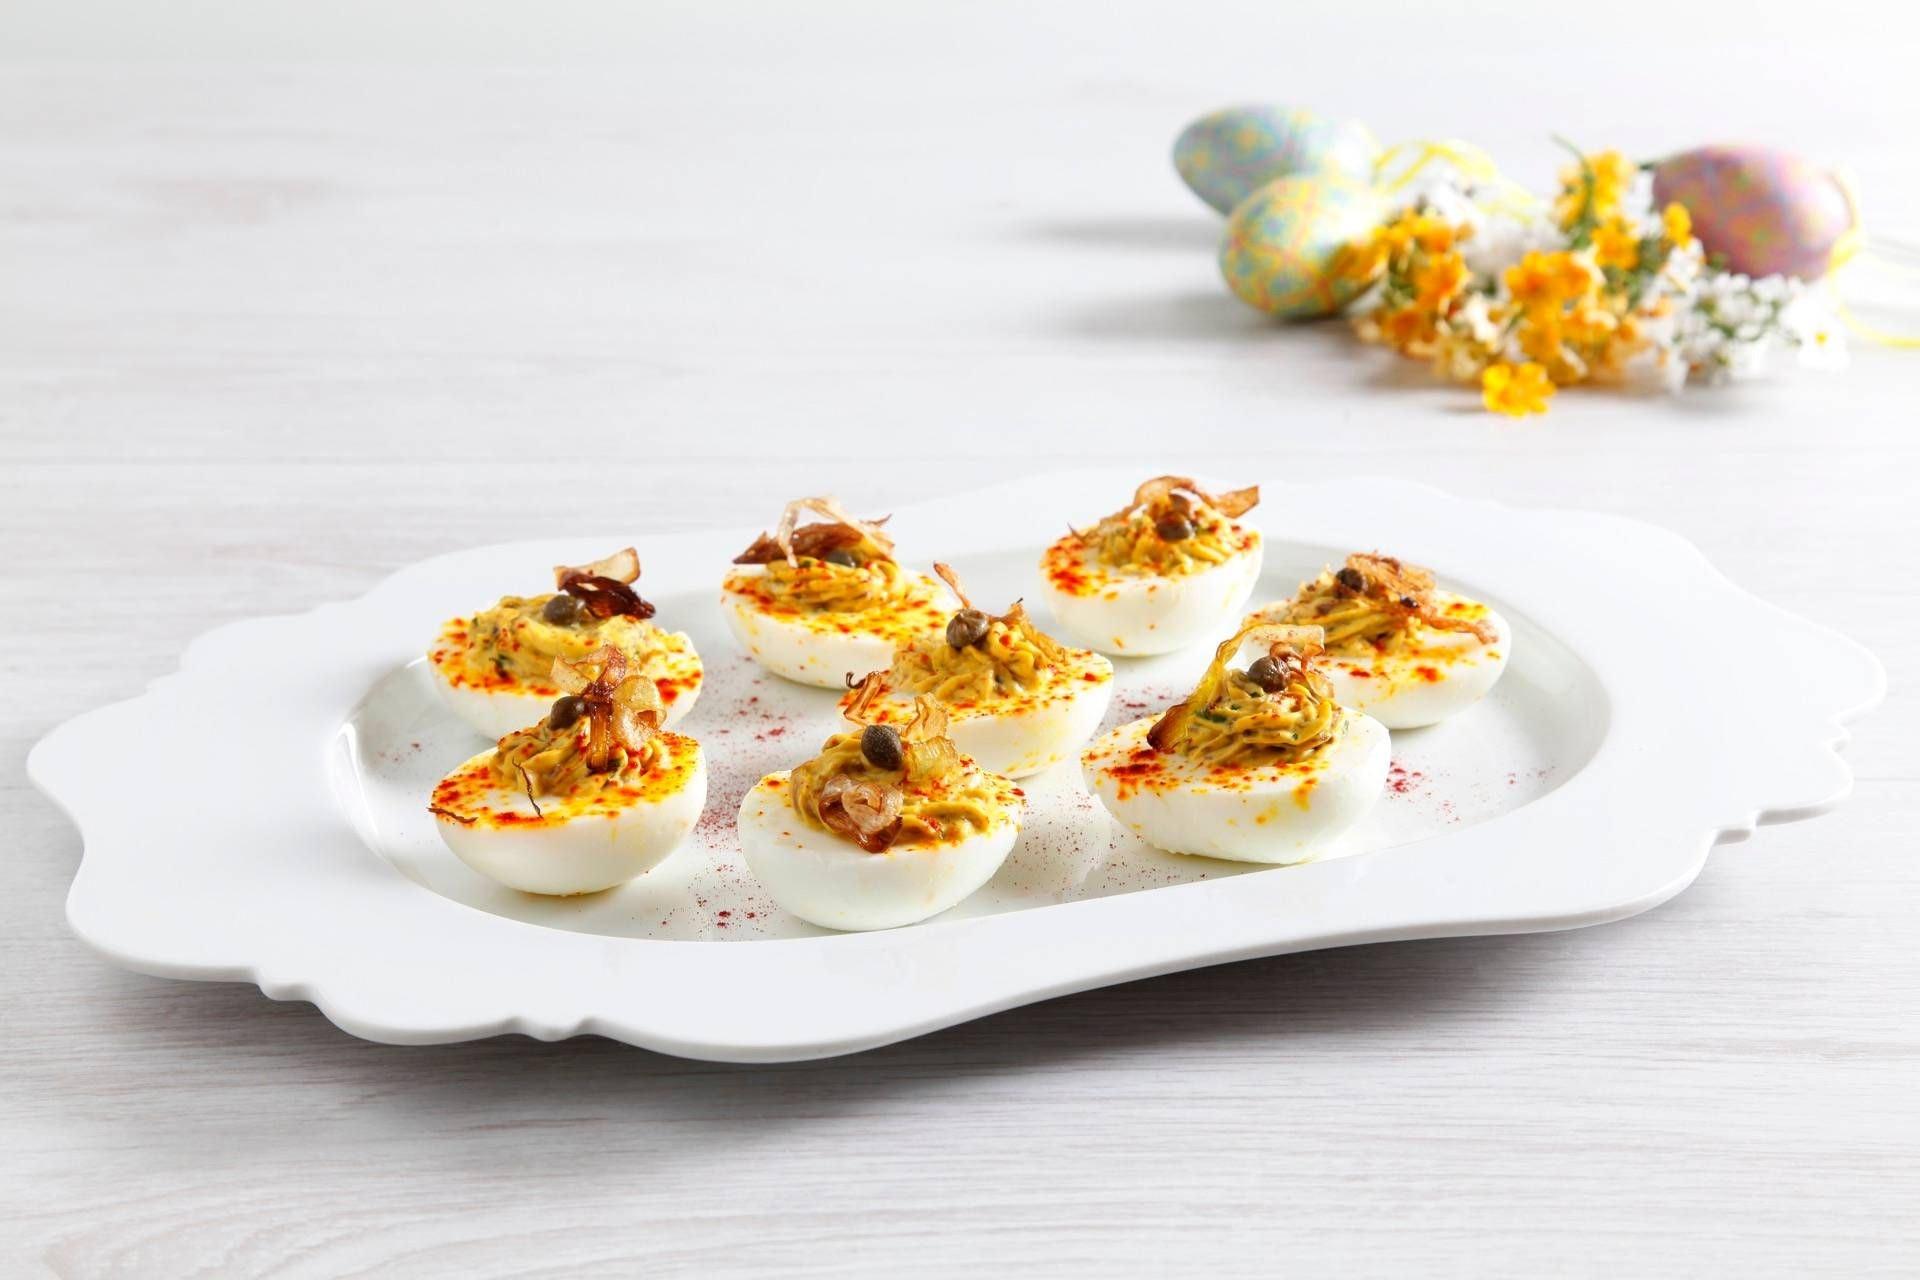 Uova ripiene allo zafferano - Parmalat